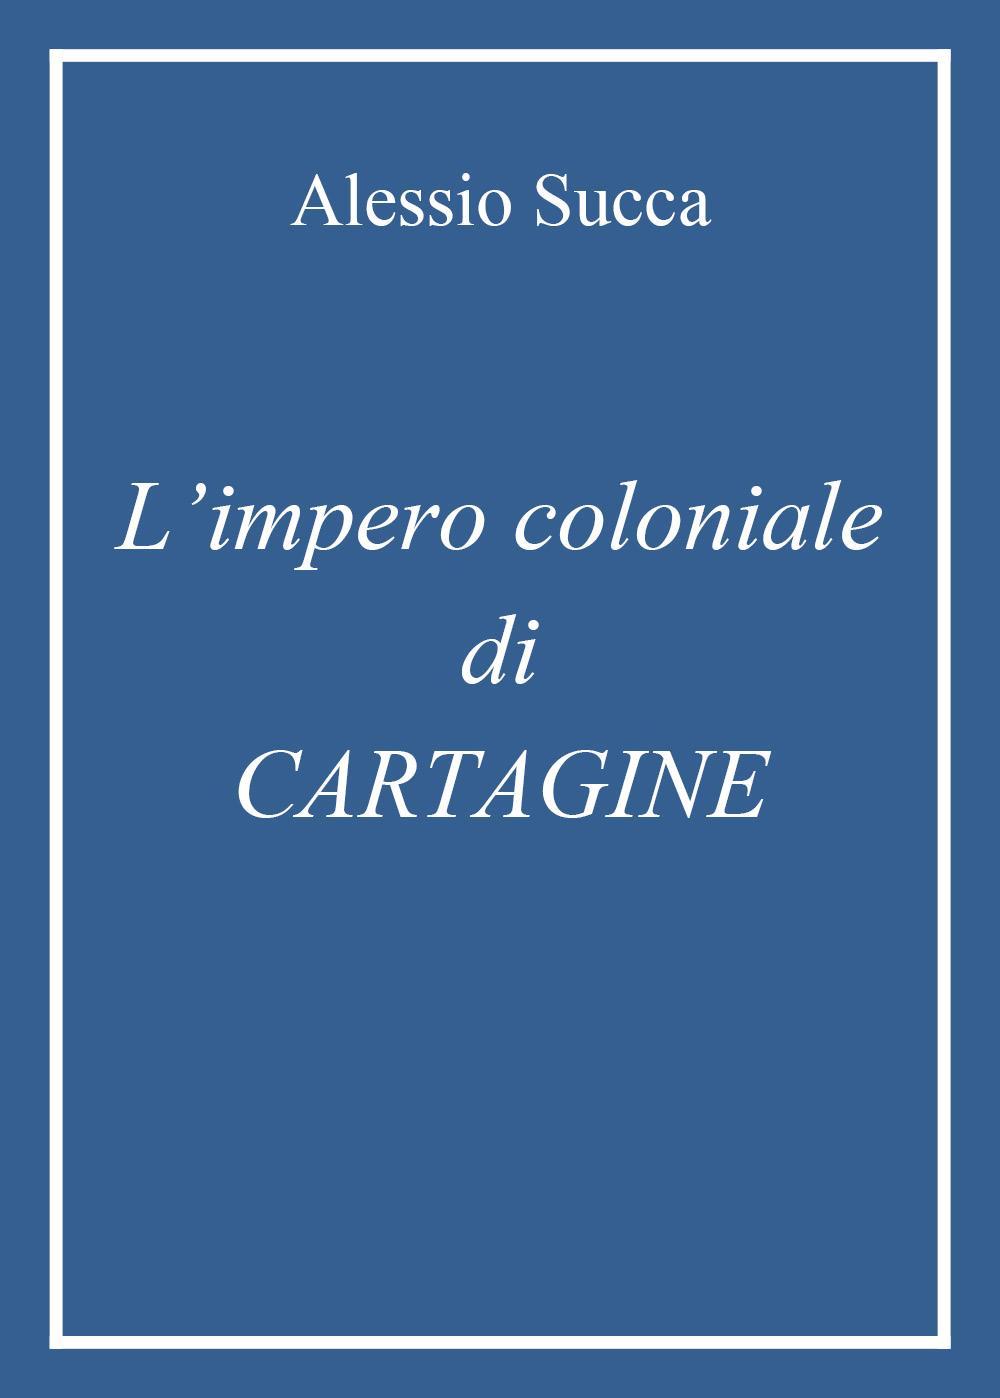 L'impero coloniale di Cartagine